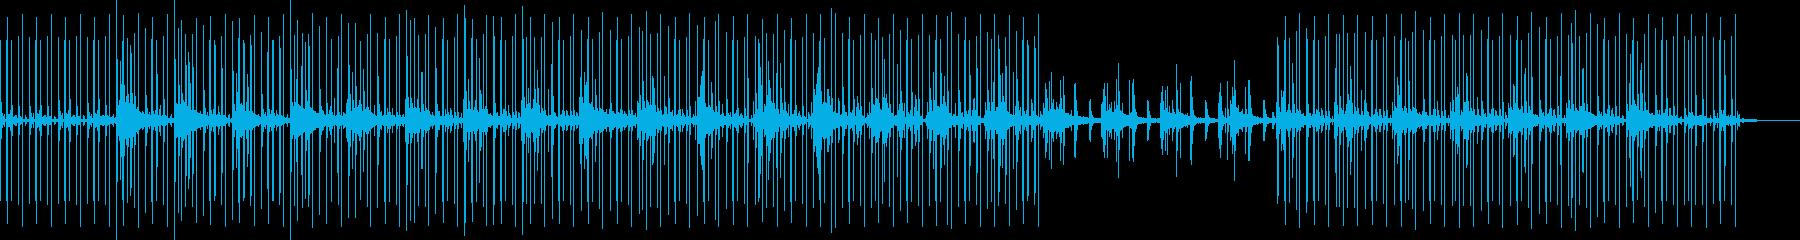 風吹く鉄の歌Breaks dubstepの再生済みの波形